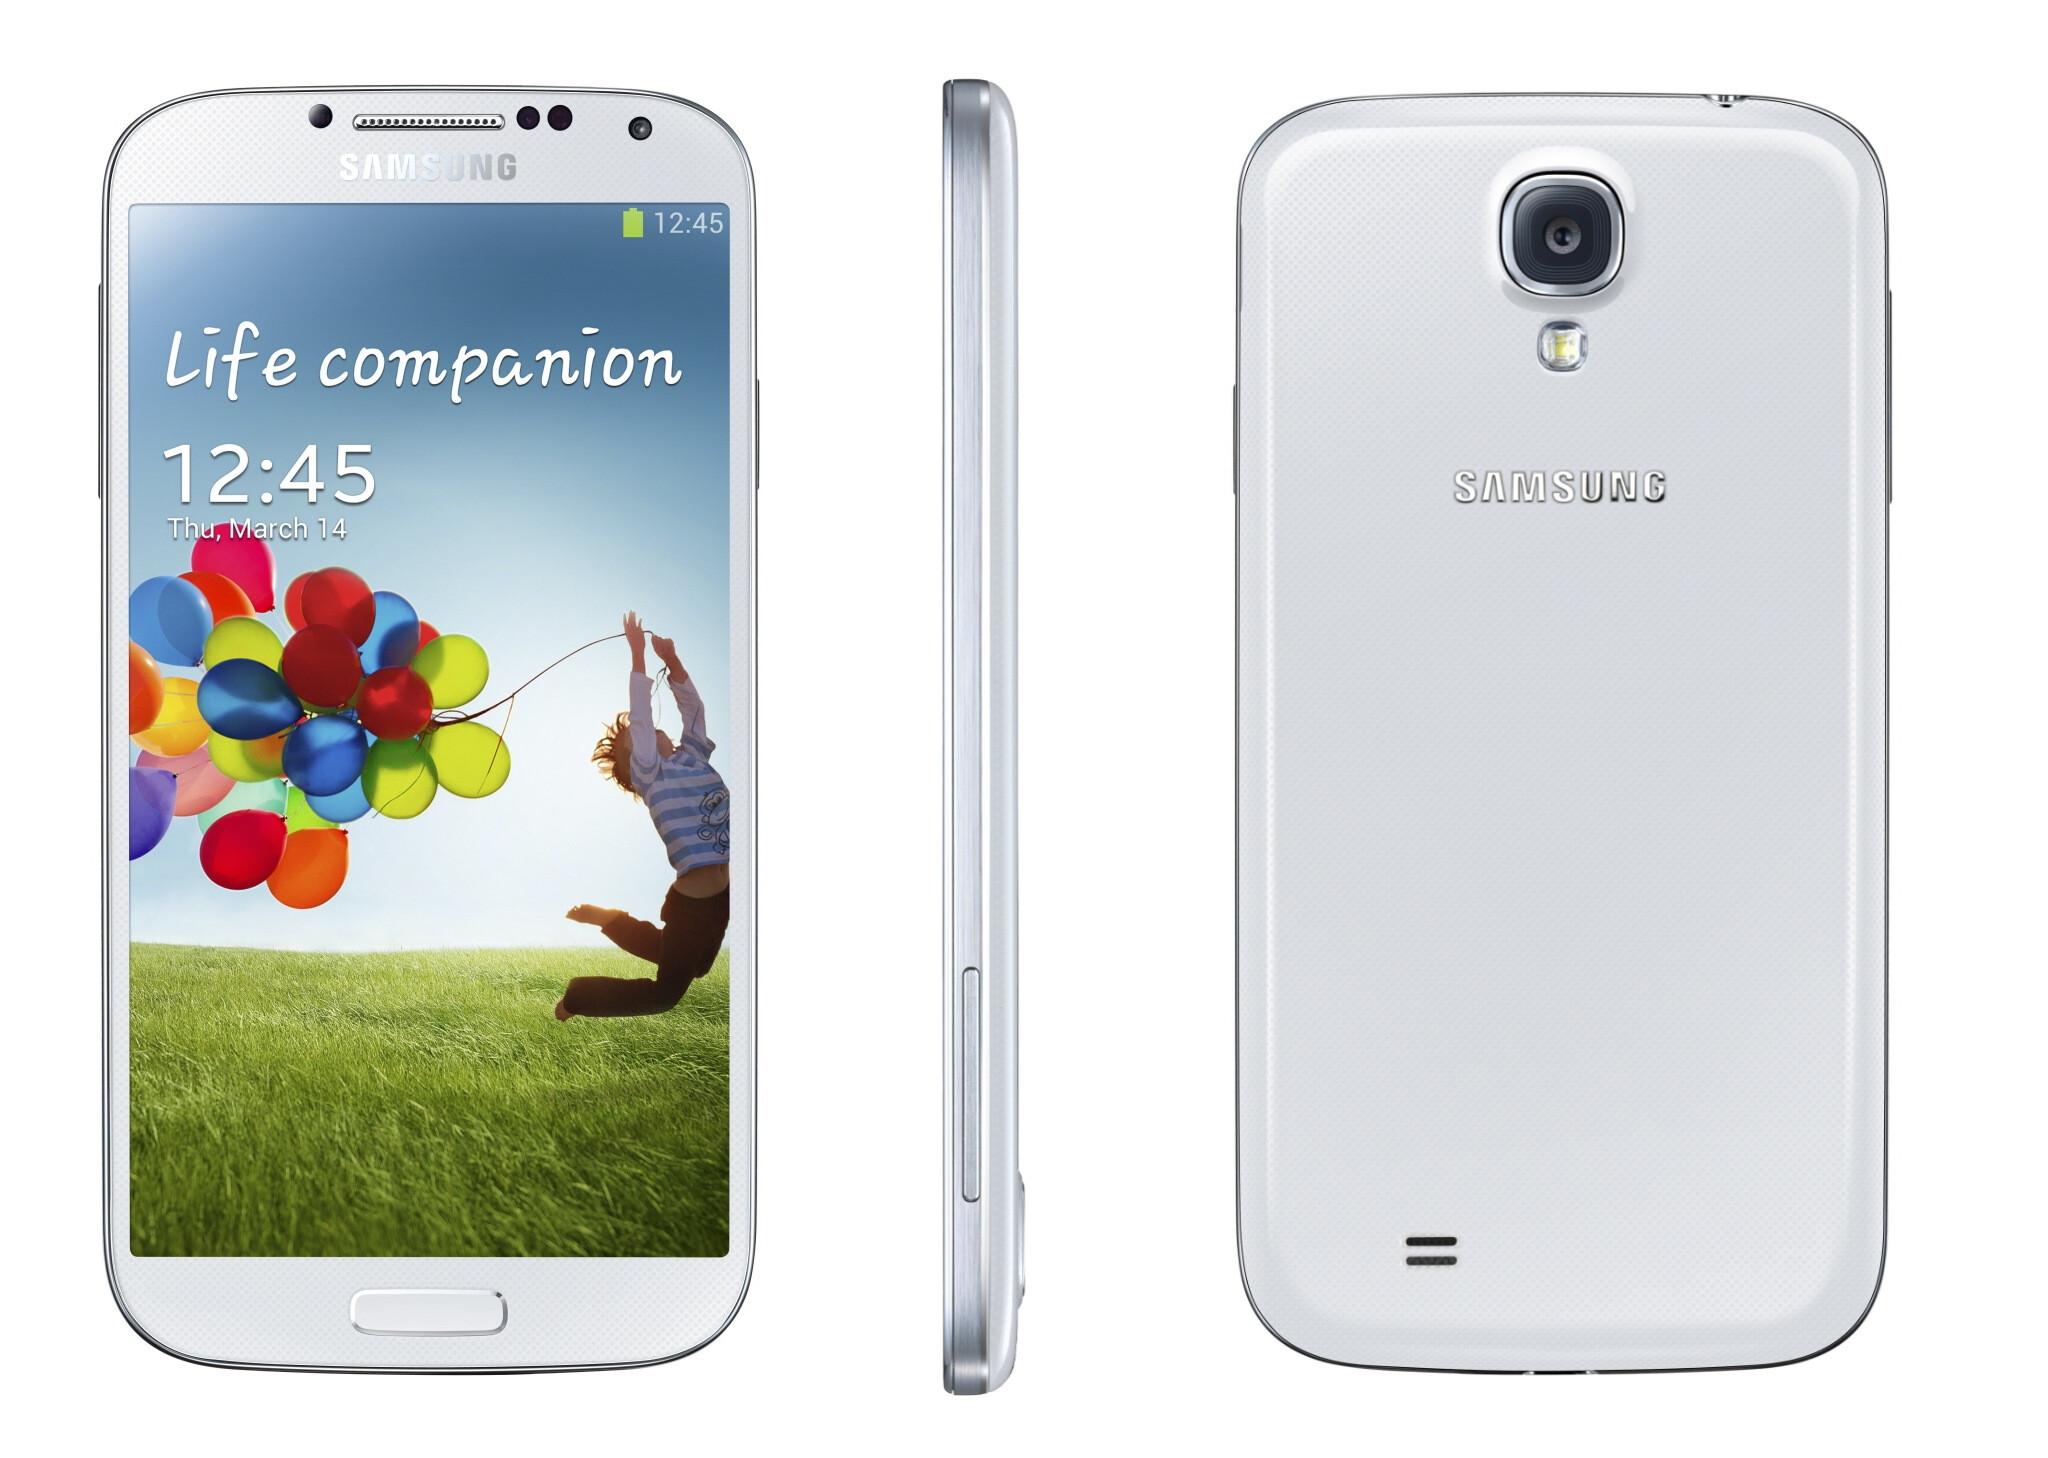 Galaxy S4 (2013)